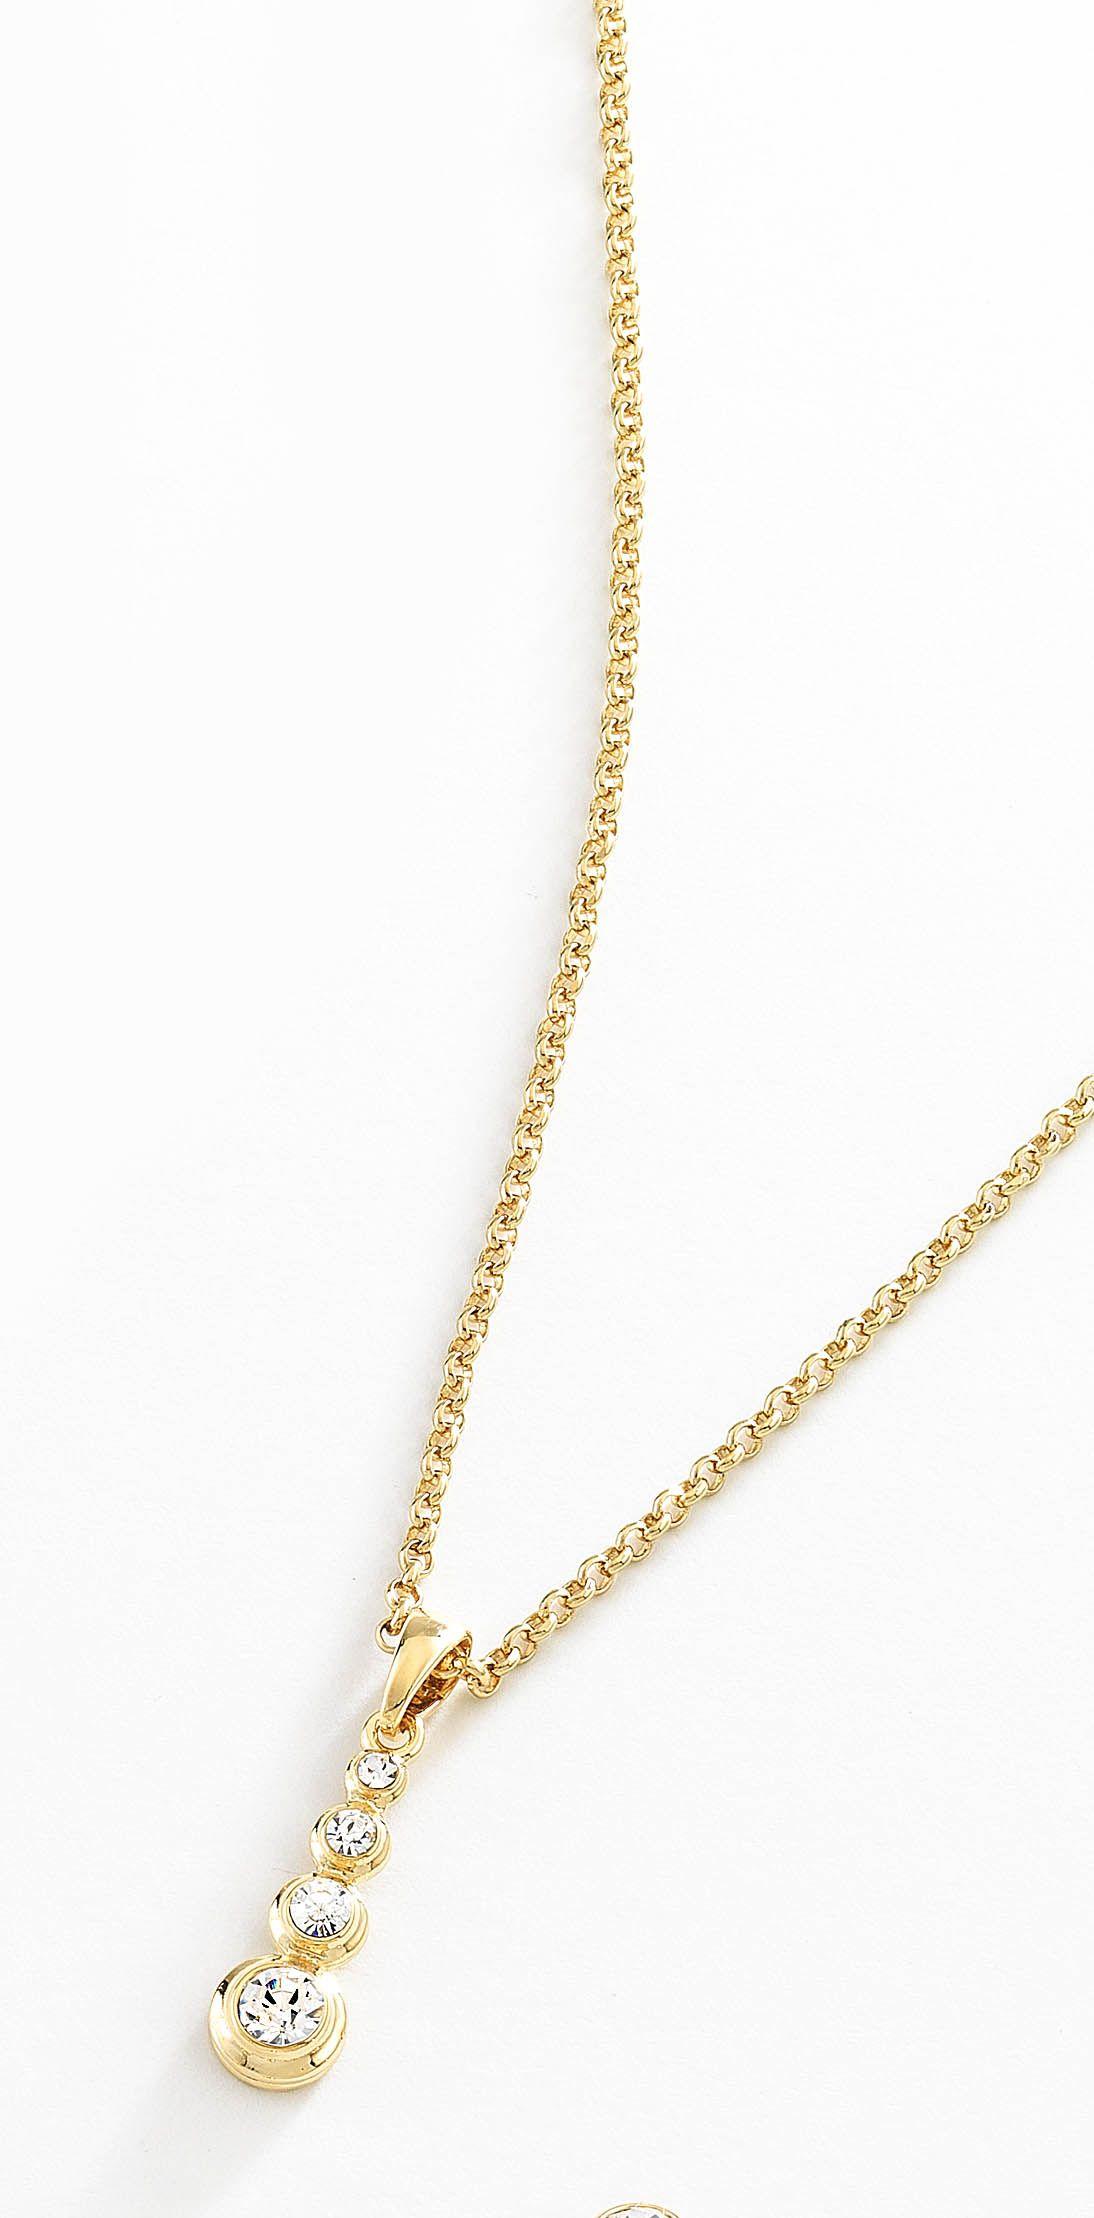 60a44a2f112a Precioso collar con cadena delgada y dije largo con 4 piedras de cristal